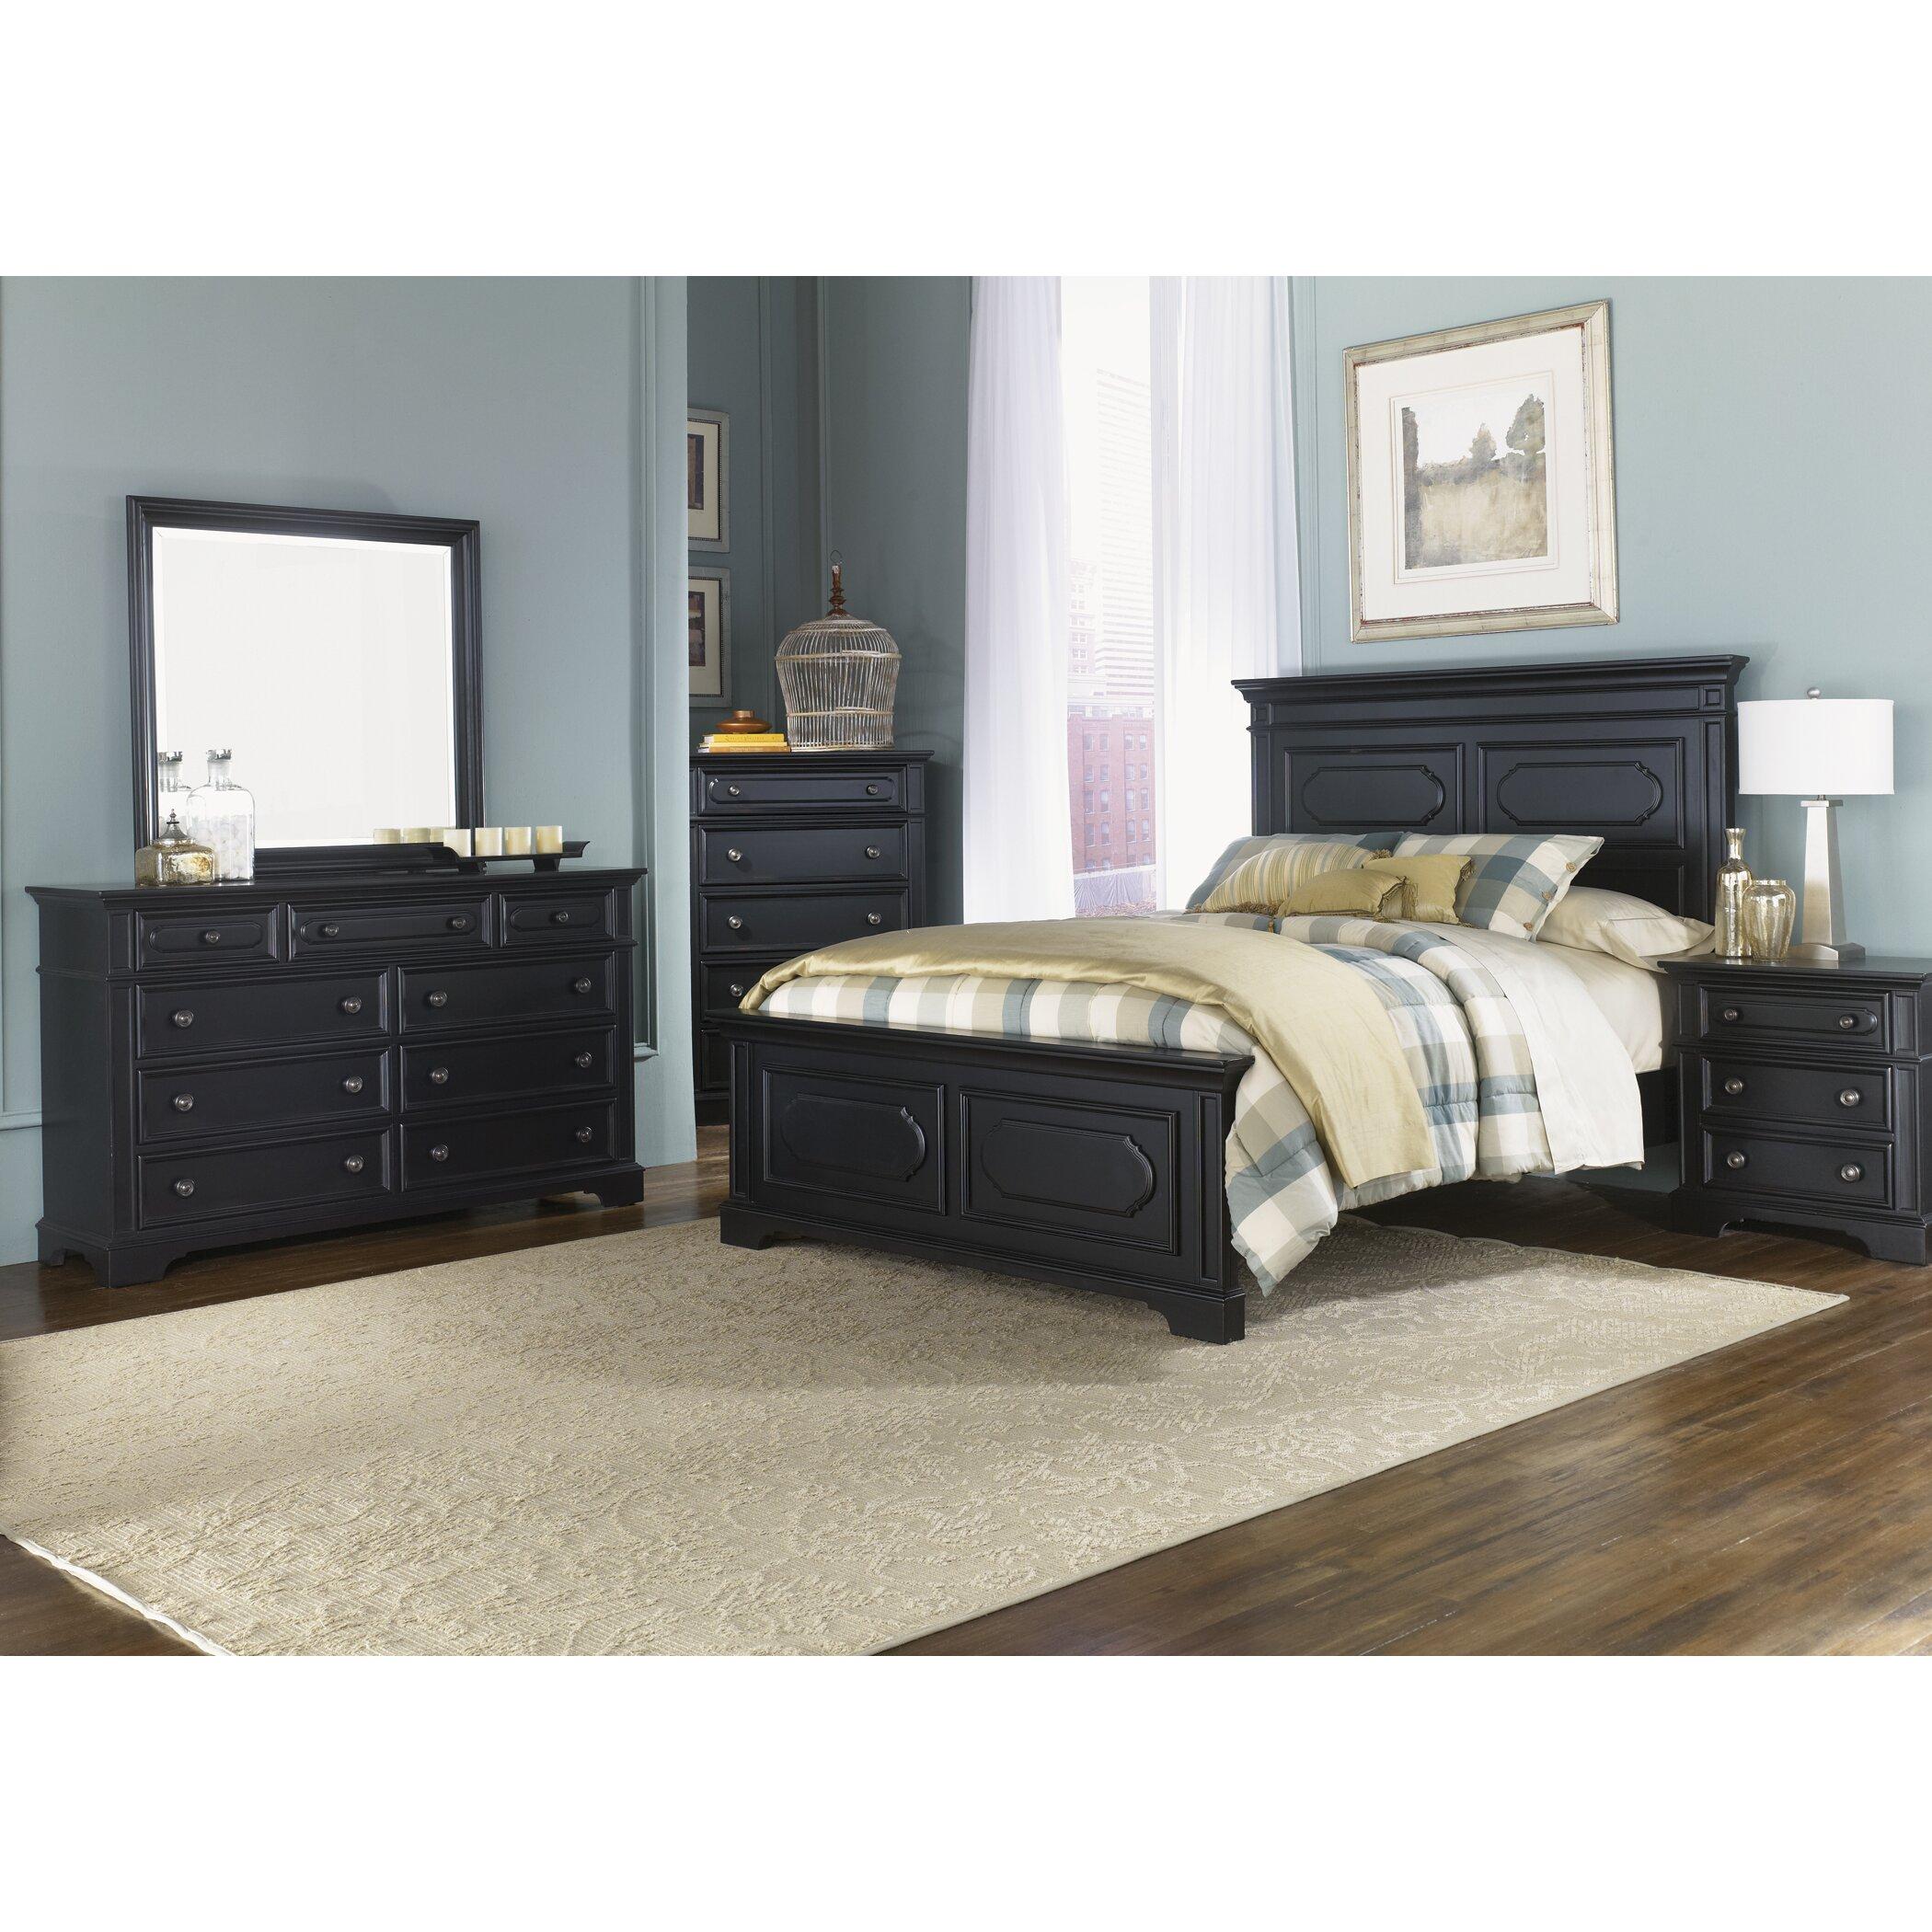 Liberty Furniture Carrington Ii Panel Customizable Bedroom Set Reviews Wayfair